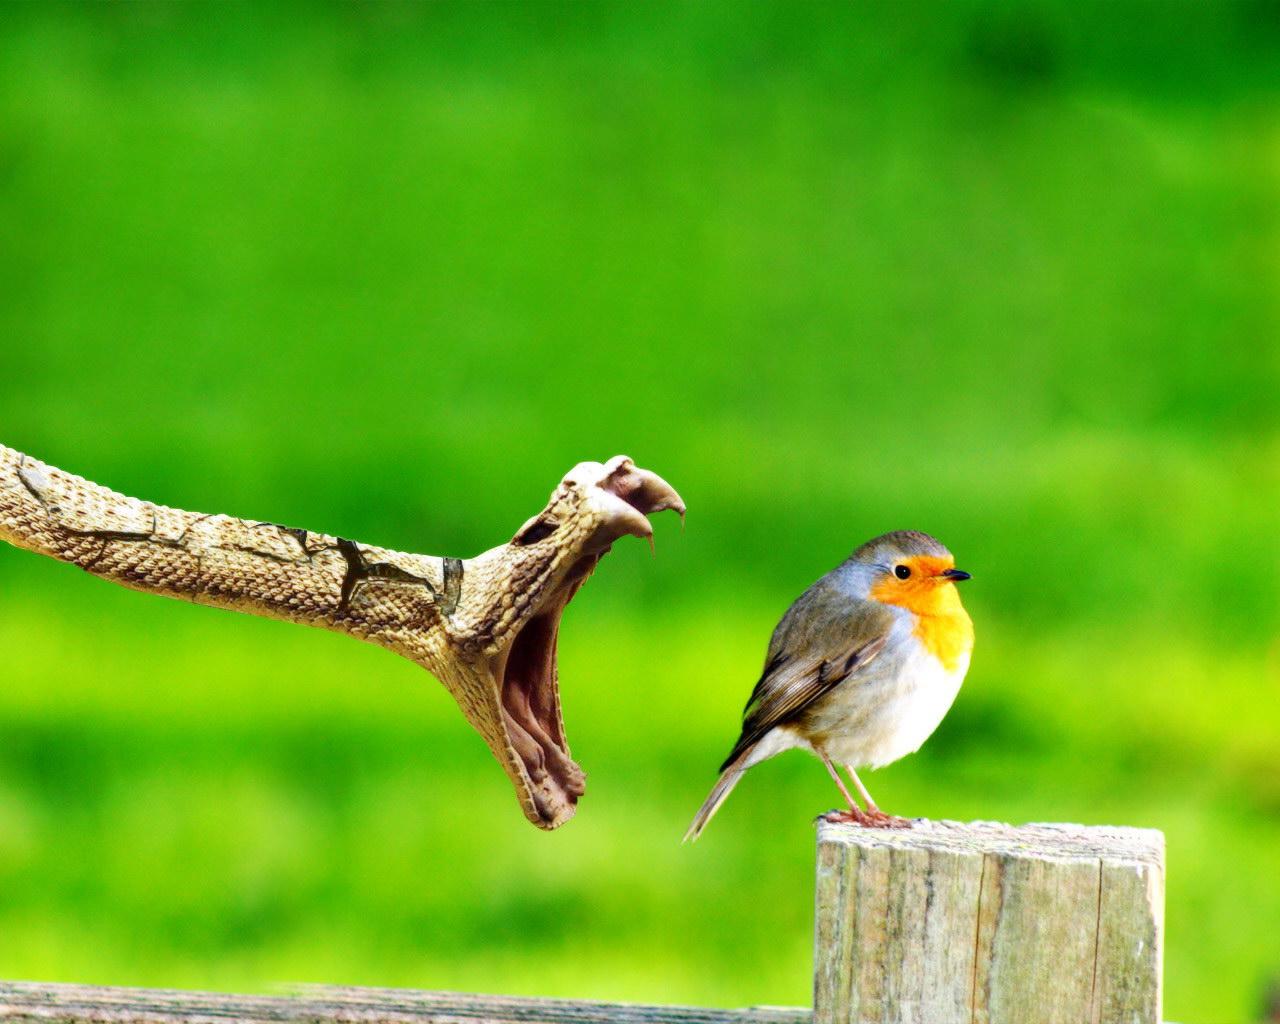 Прикольные животные. Подборка обоев самых красивых птиц. птиц», dodjik007, ЯндексФоткахltmore, красивых, самых, альбоме, «Подборка, обоев, Фотографии